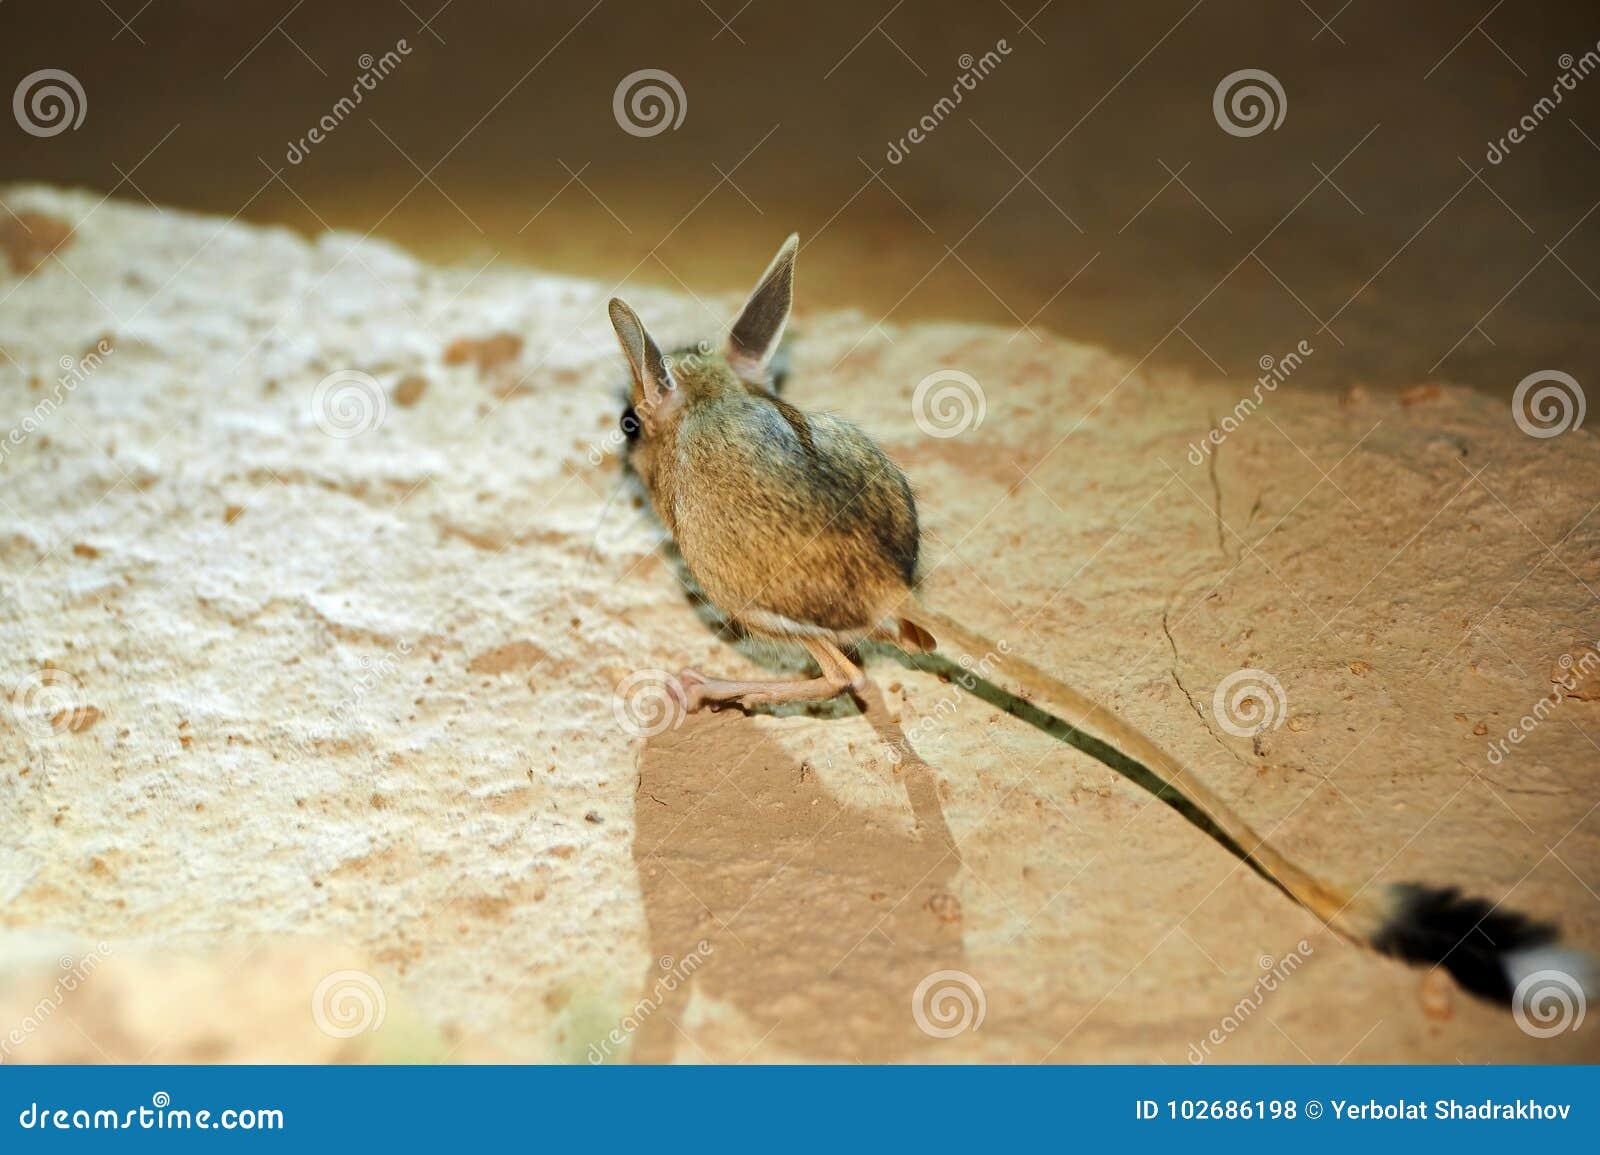 Gerboise/Jaculus La gerboise sont un animal de steppe et mènent une vie nocturne